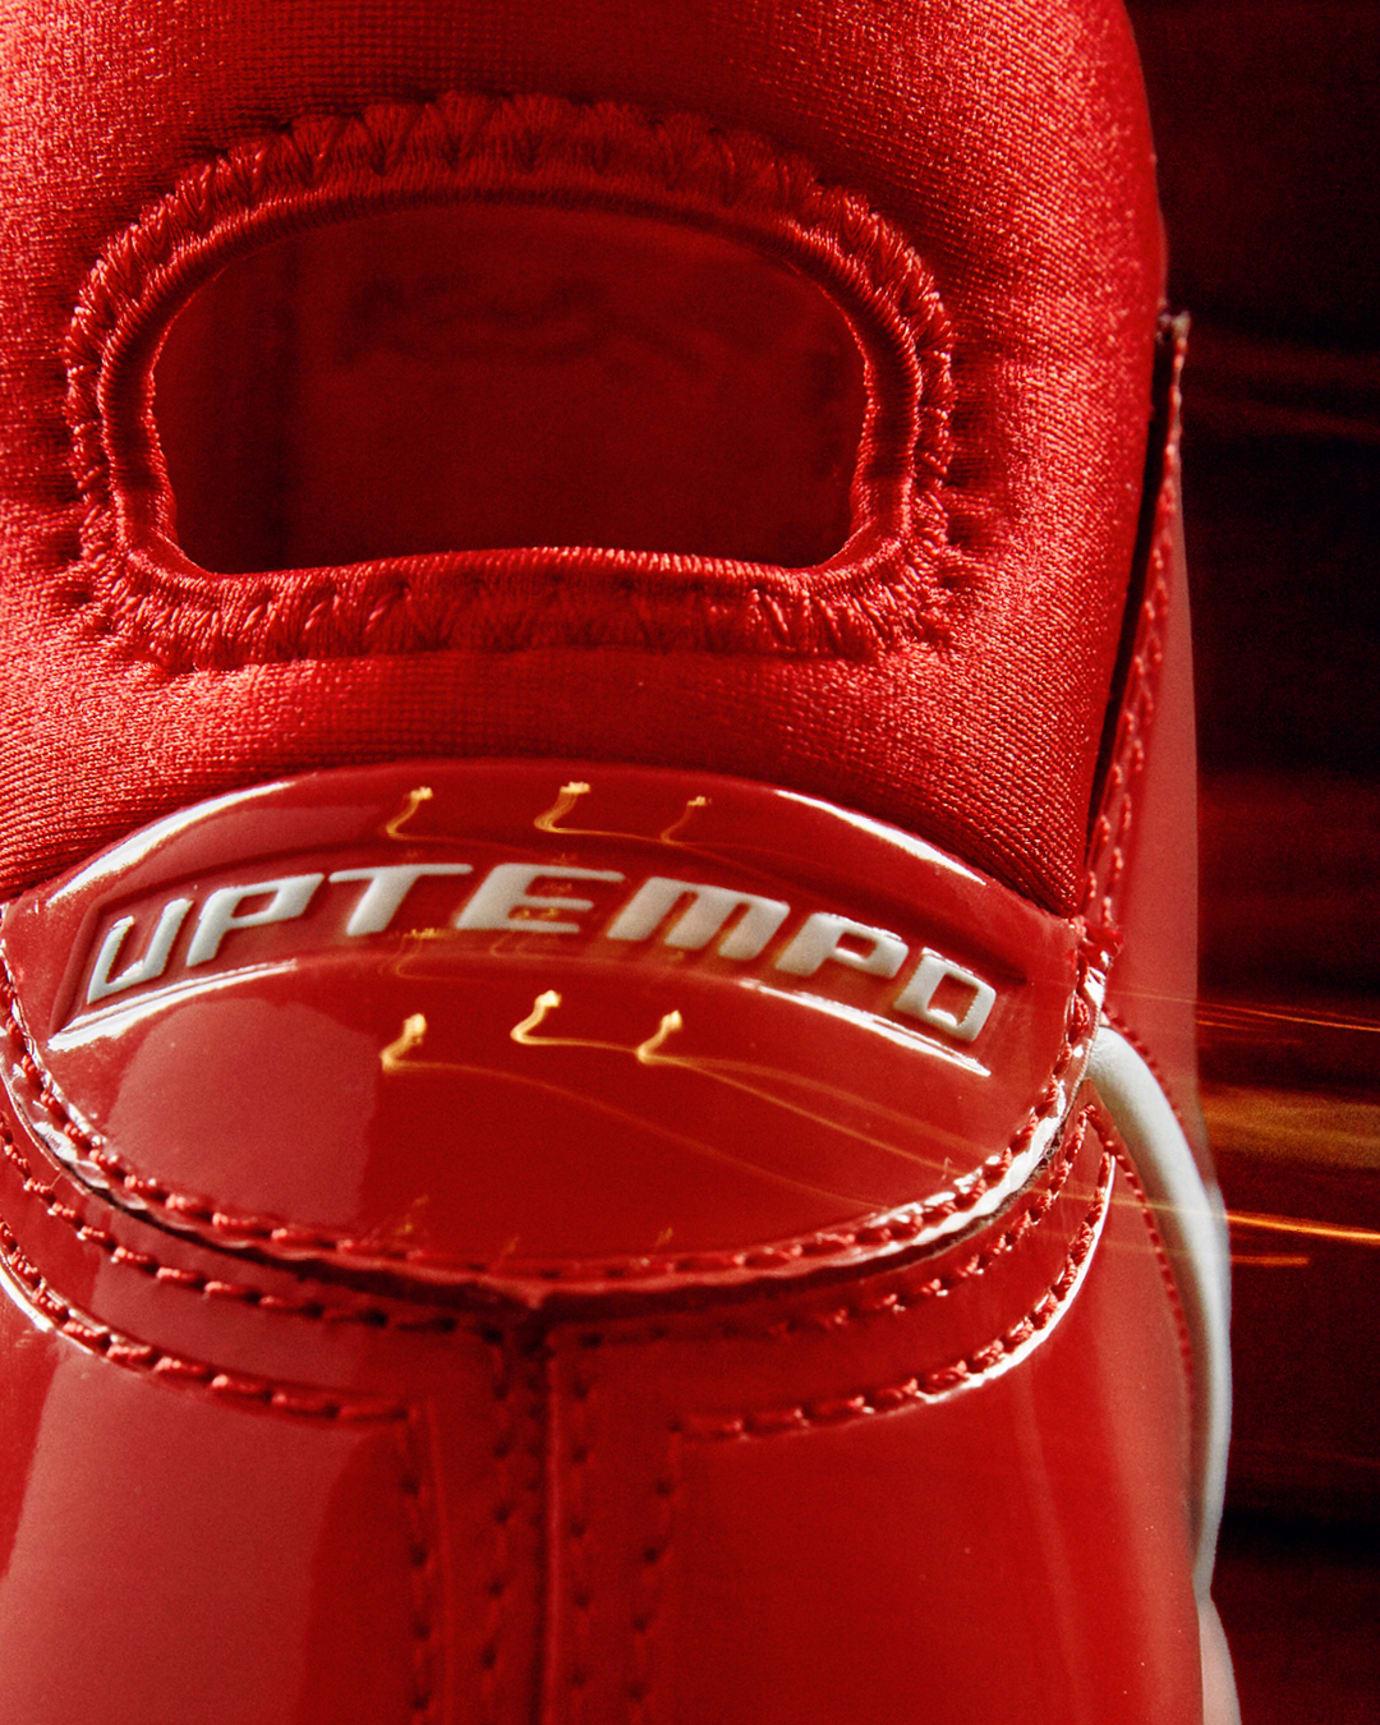 DeMar DeRozan Nike Zoom Kobe 1 Proto Red PE Release Date Back